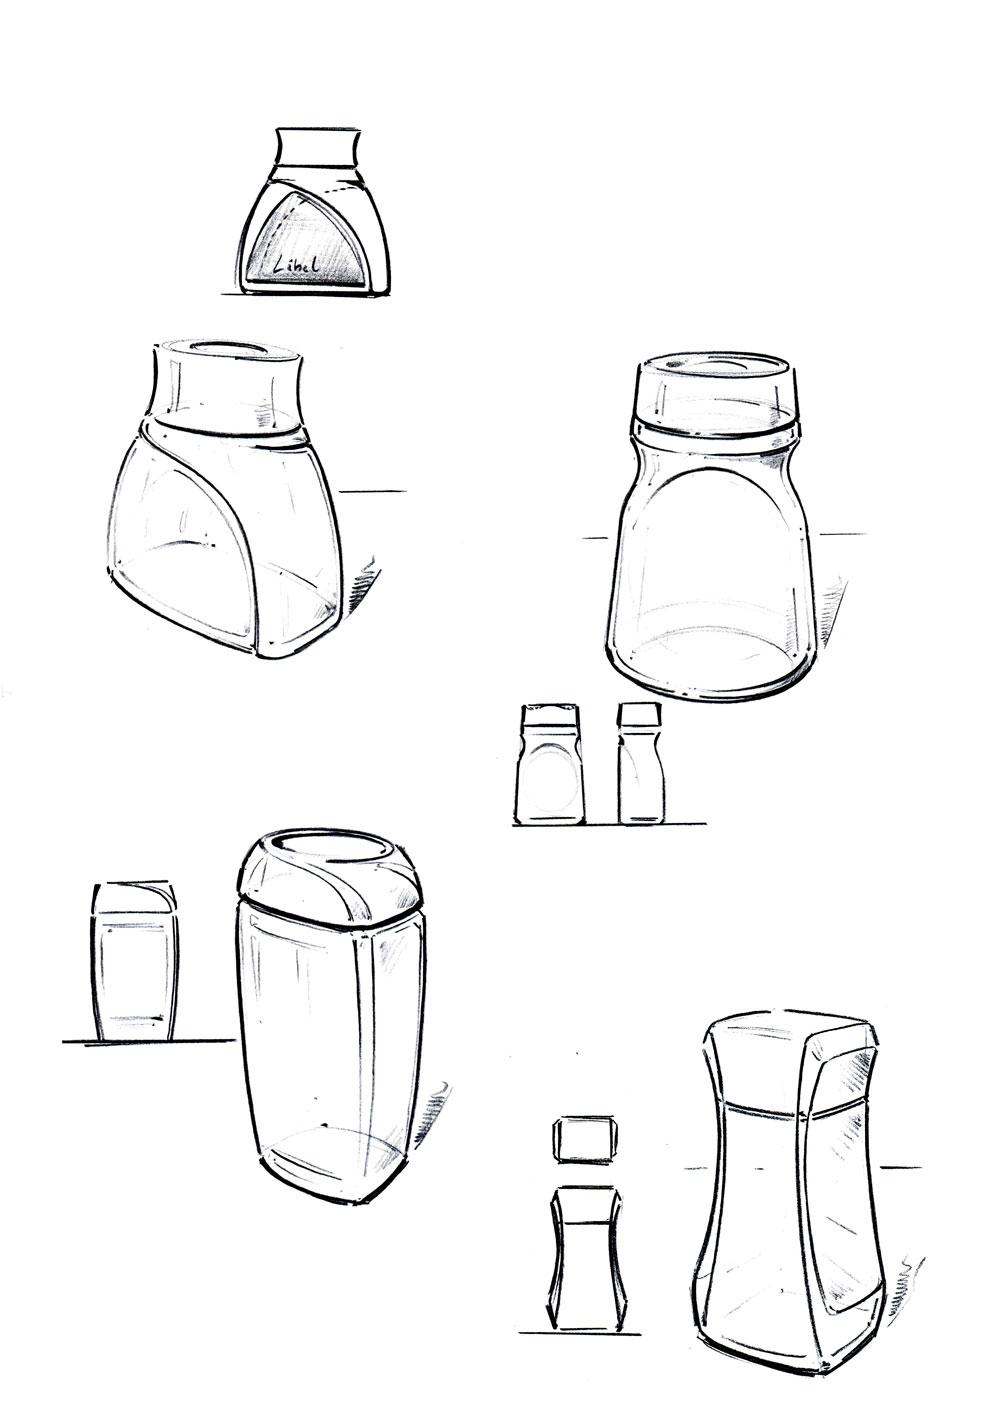 Verpackungsdesign Kaffeeglas Skizzen